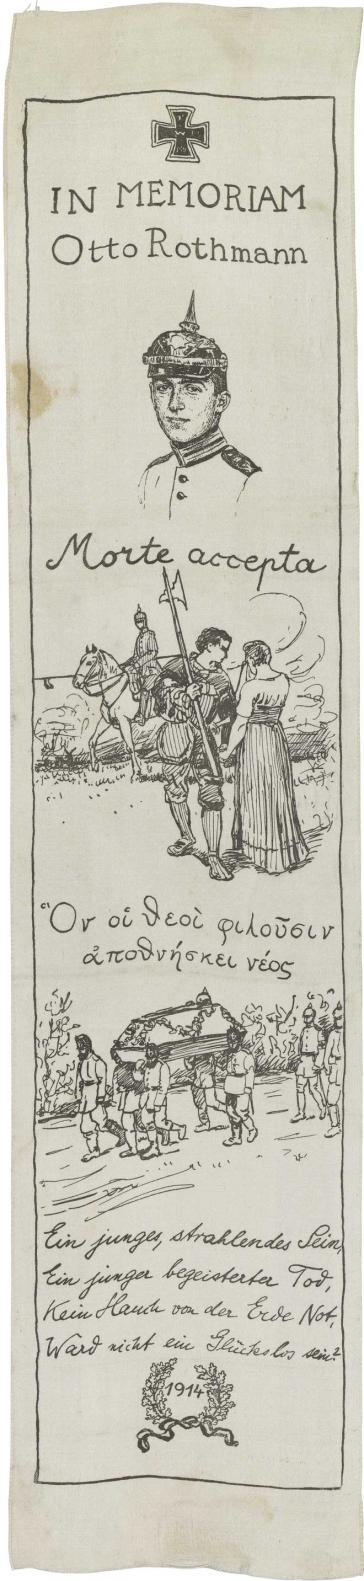 Weißes Seidenband, bedruckt mit Eisernem Kreuz (oben), drei Illustrationen sowie Siegerkranz und Jahreszahl 1914 (unten)